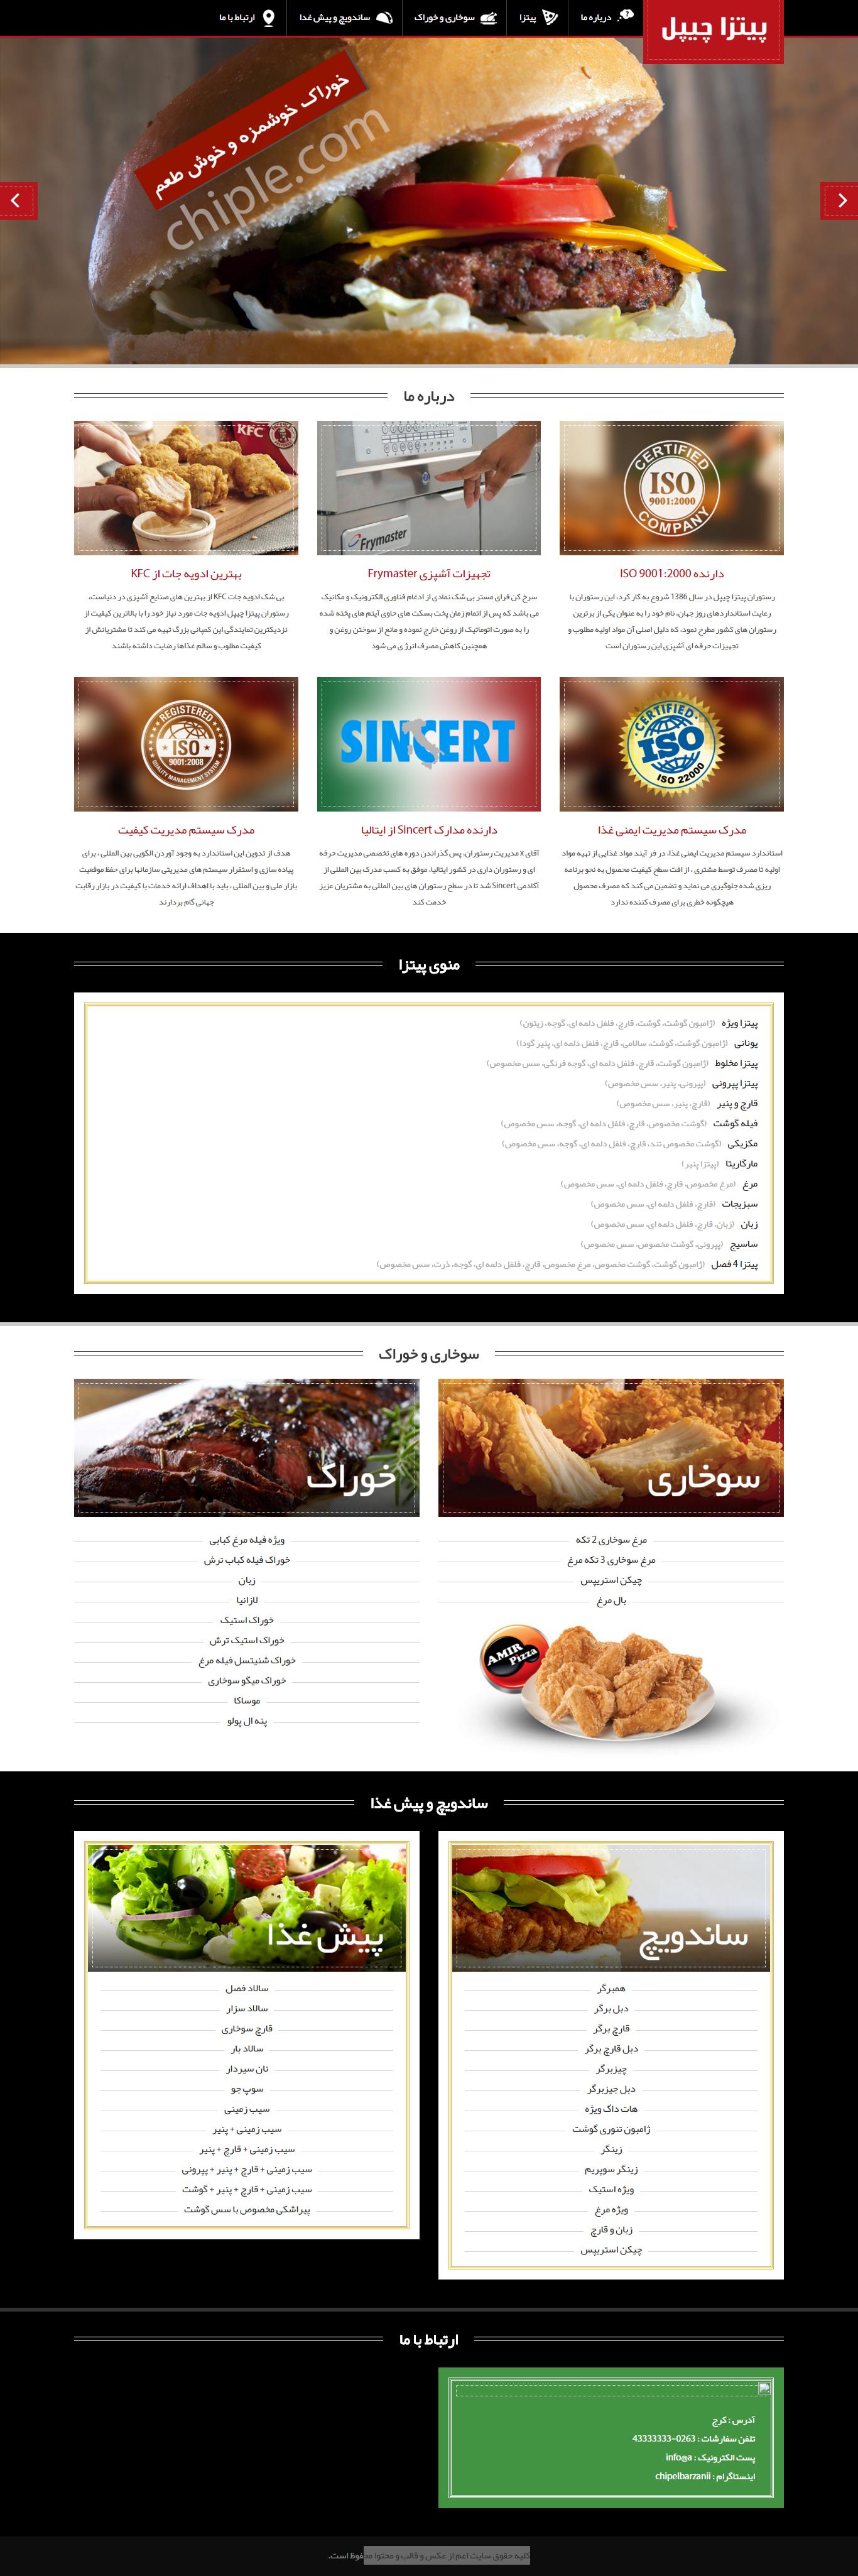 طراحی سایت پیتزا چیپل